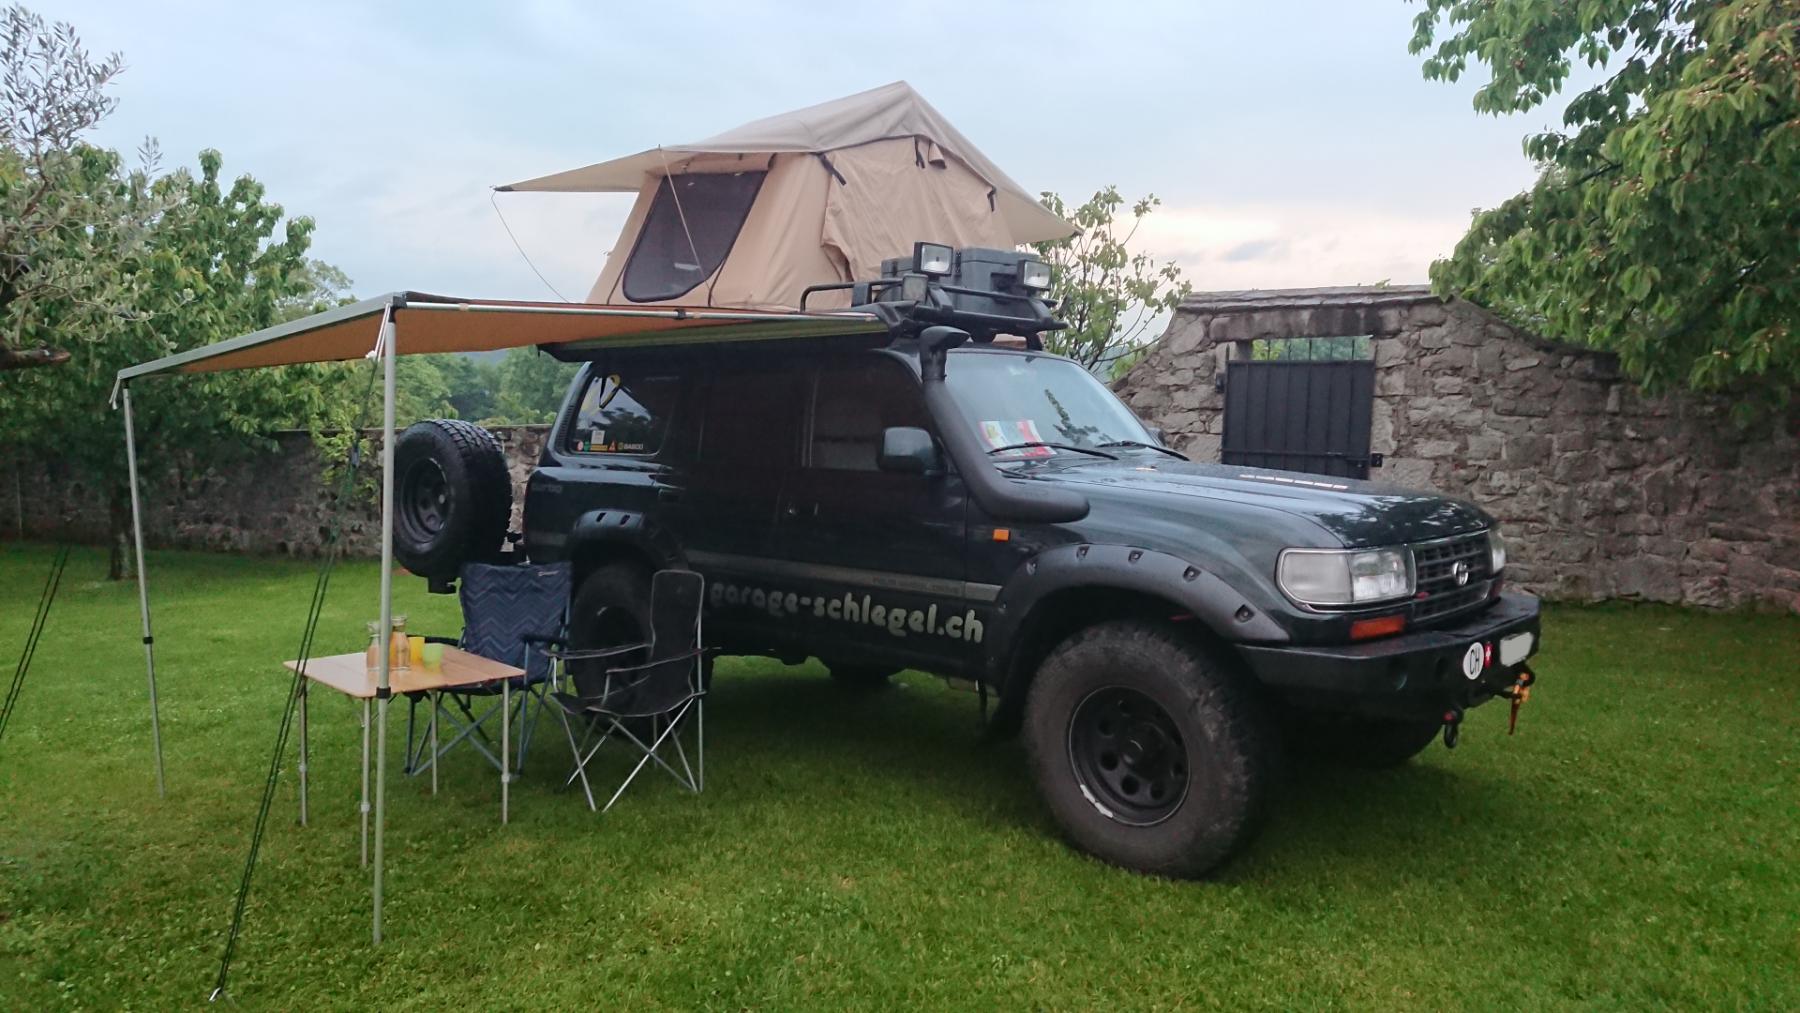 Horntools Dachzelt und Markise von Off-Tech auf einem Toyota Land Cruiser HDJ80